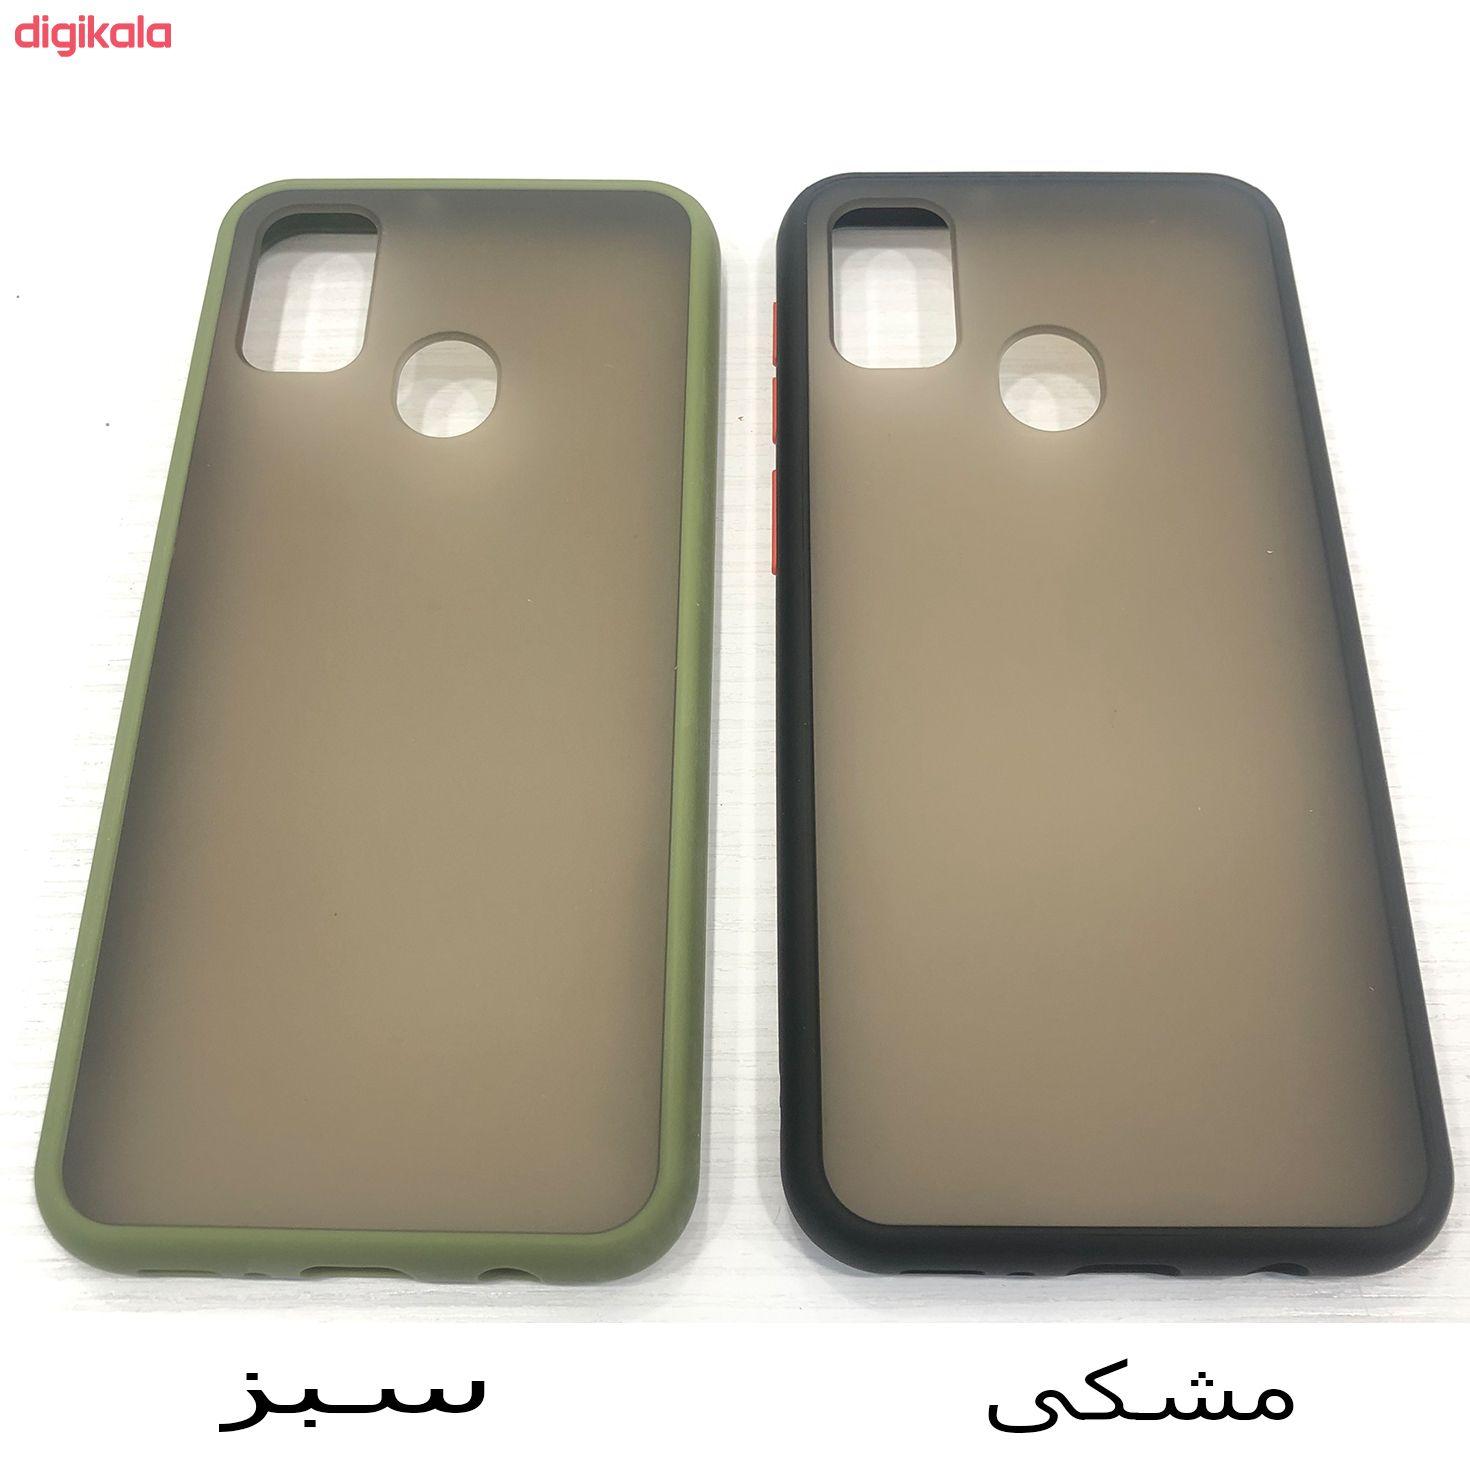 کاور مدل ME-003 مناسب برای گوشی موبایل سامسونگ Galaxy M31  main 1 2